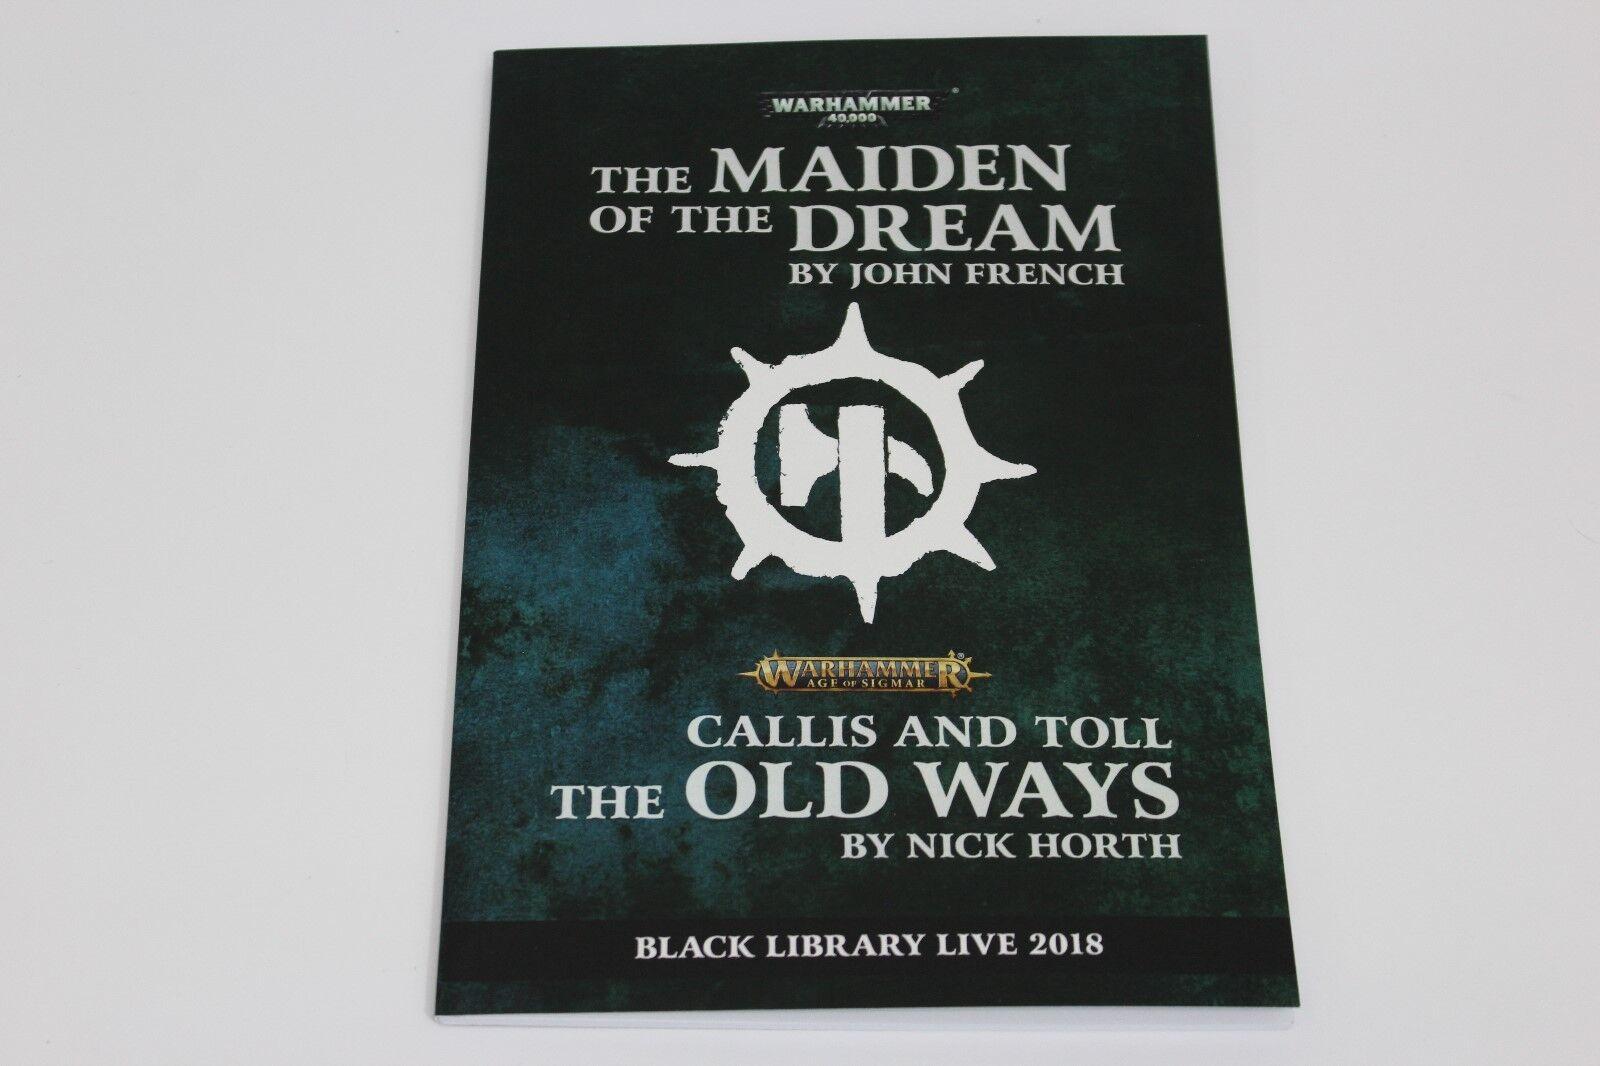 Warhammer 40k Negro aos aos aos Biblioteca en vivo Chapbook 2018 Maiden el sueño Firmado  gran venta